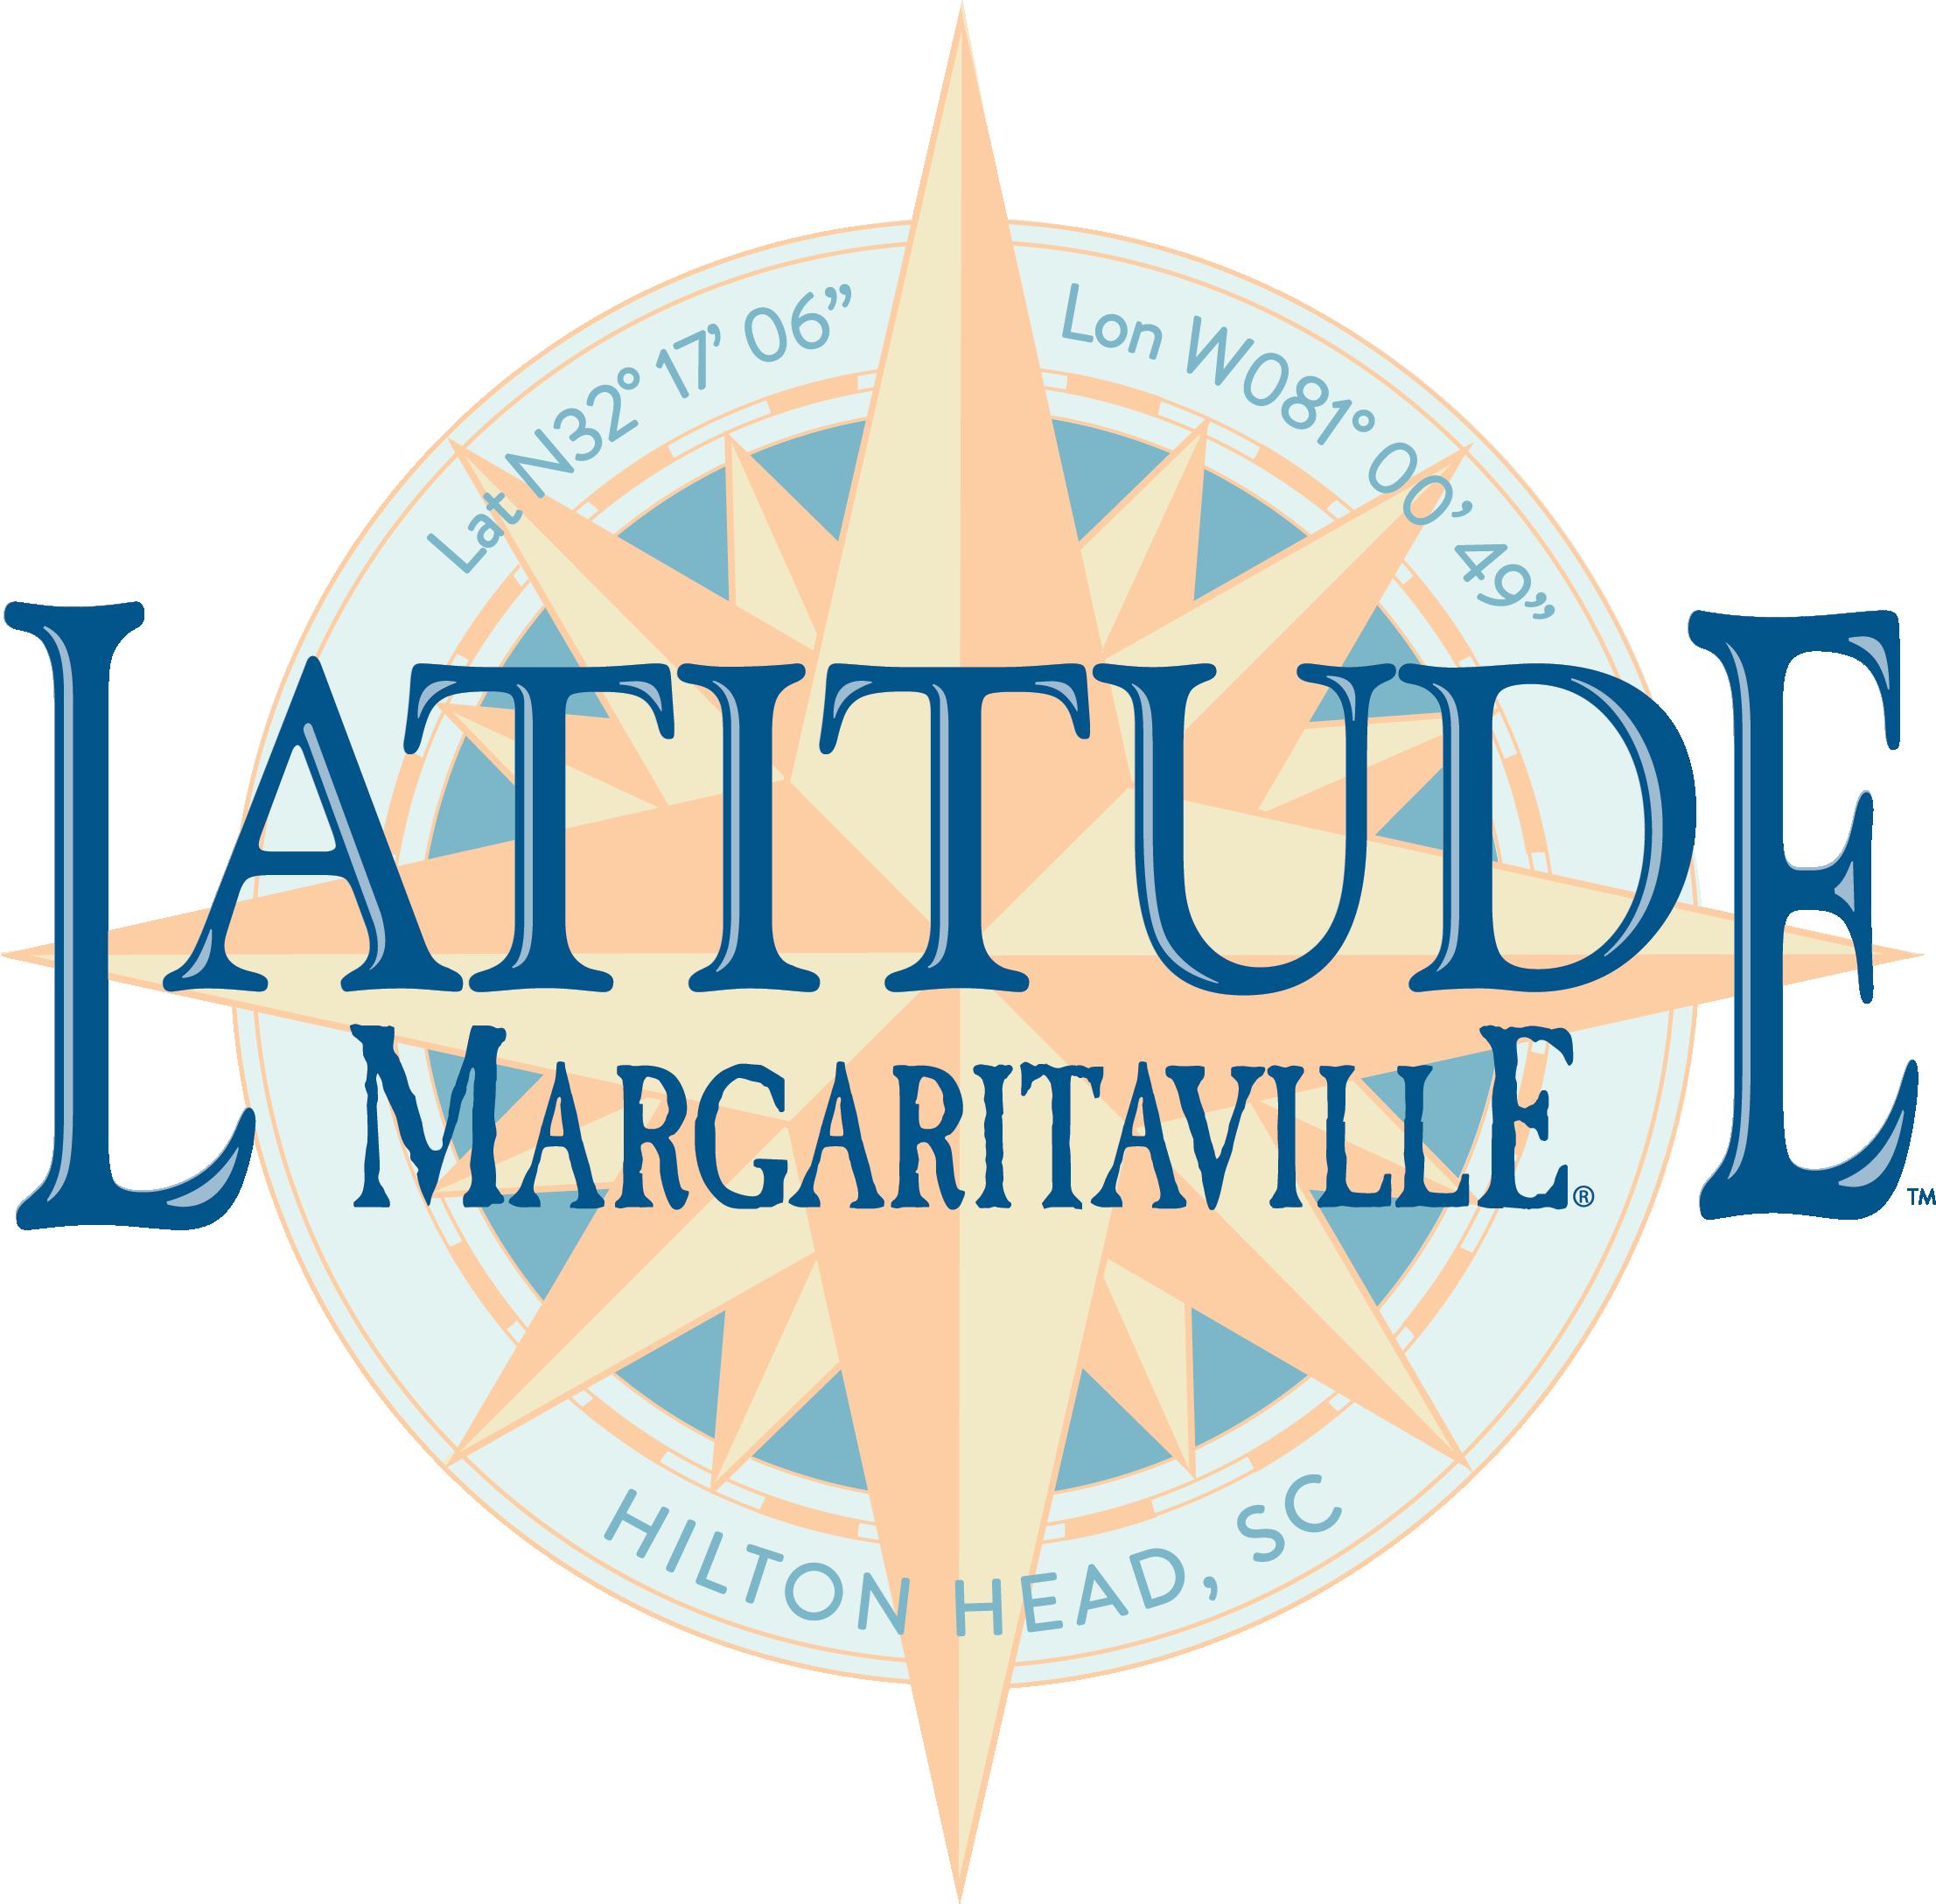 Latitude Margaritaville Sponsor